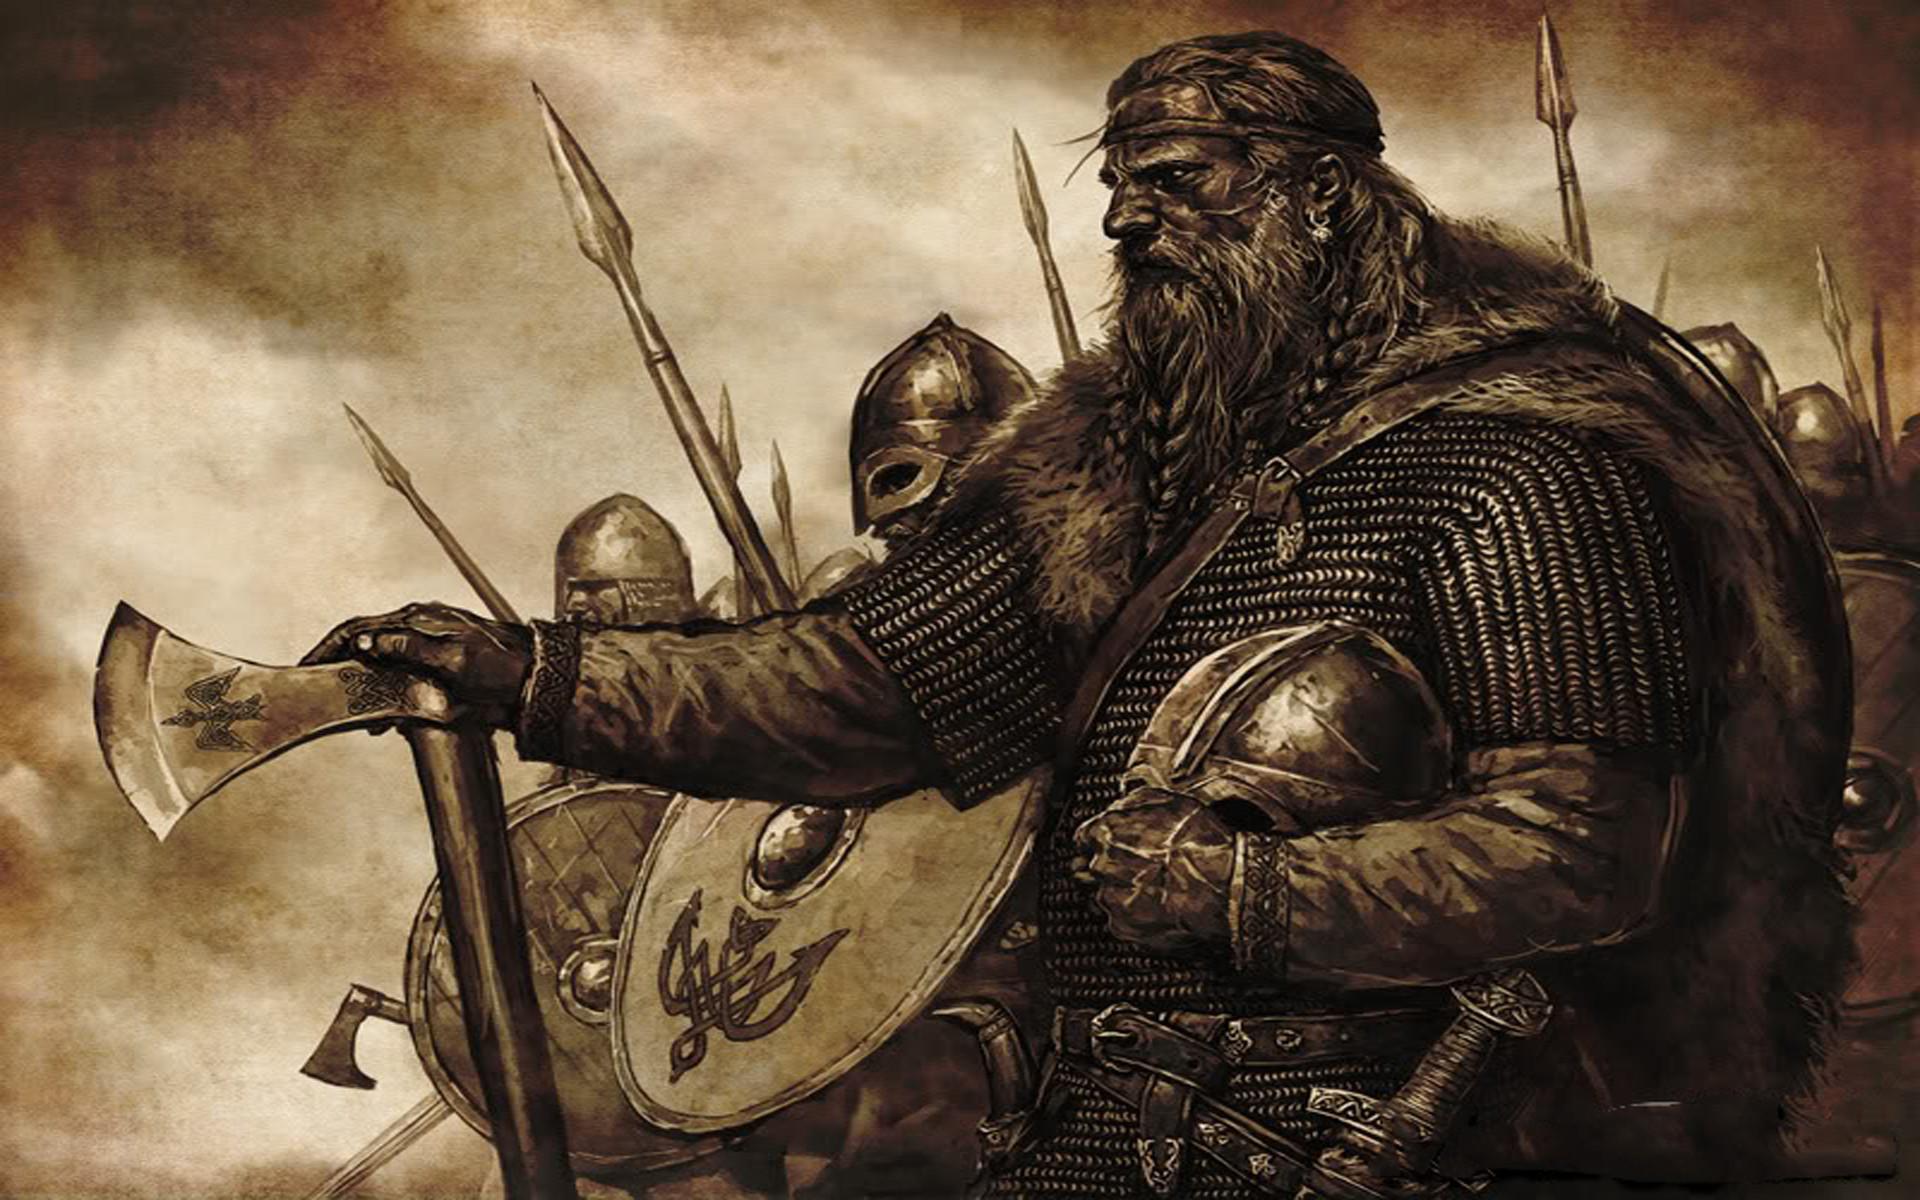 Vikings Artwork Wallpaper Vikings, Artwork, Medieval